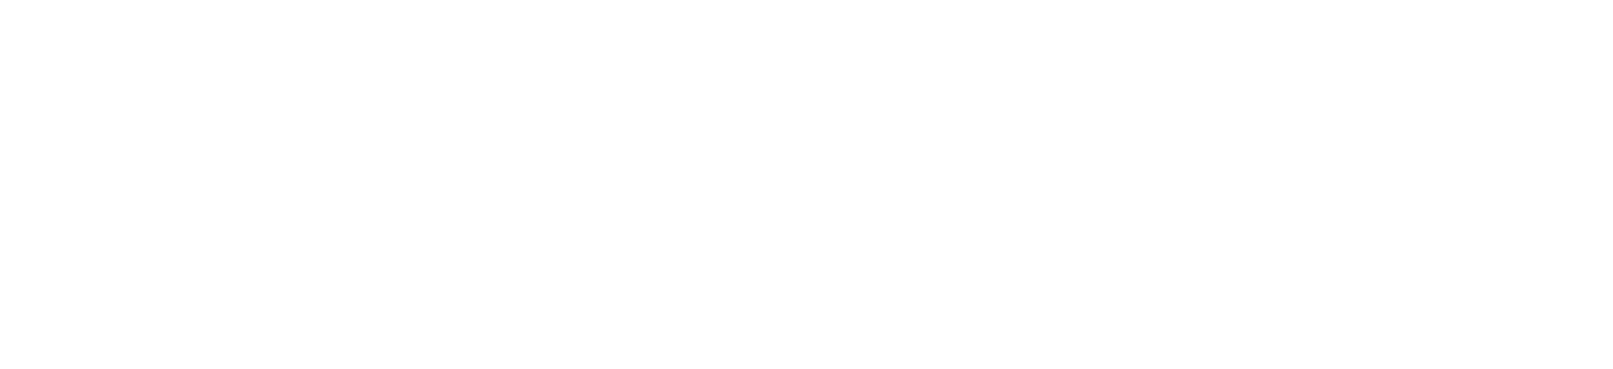 AR Post